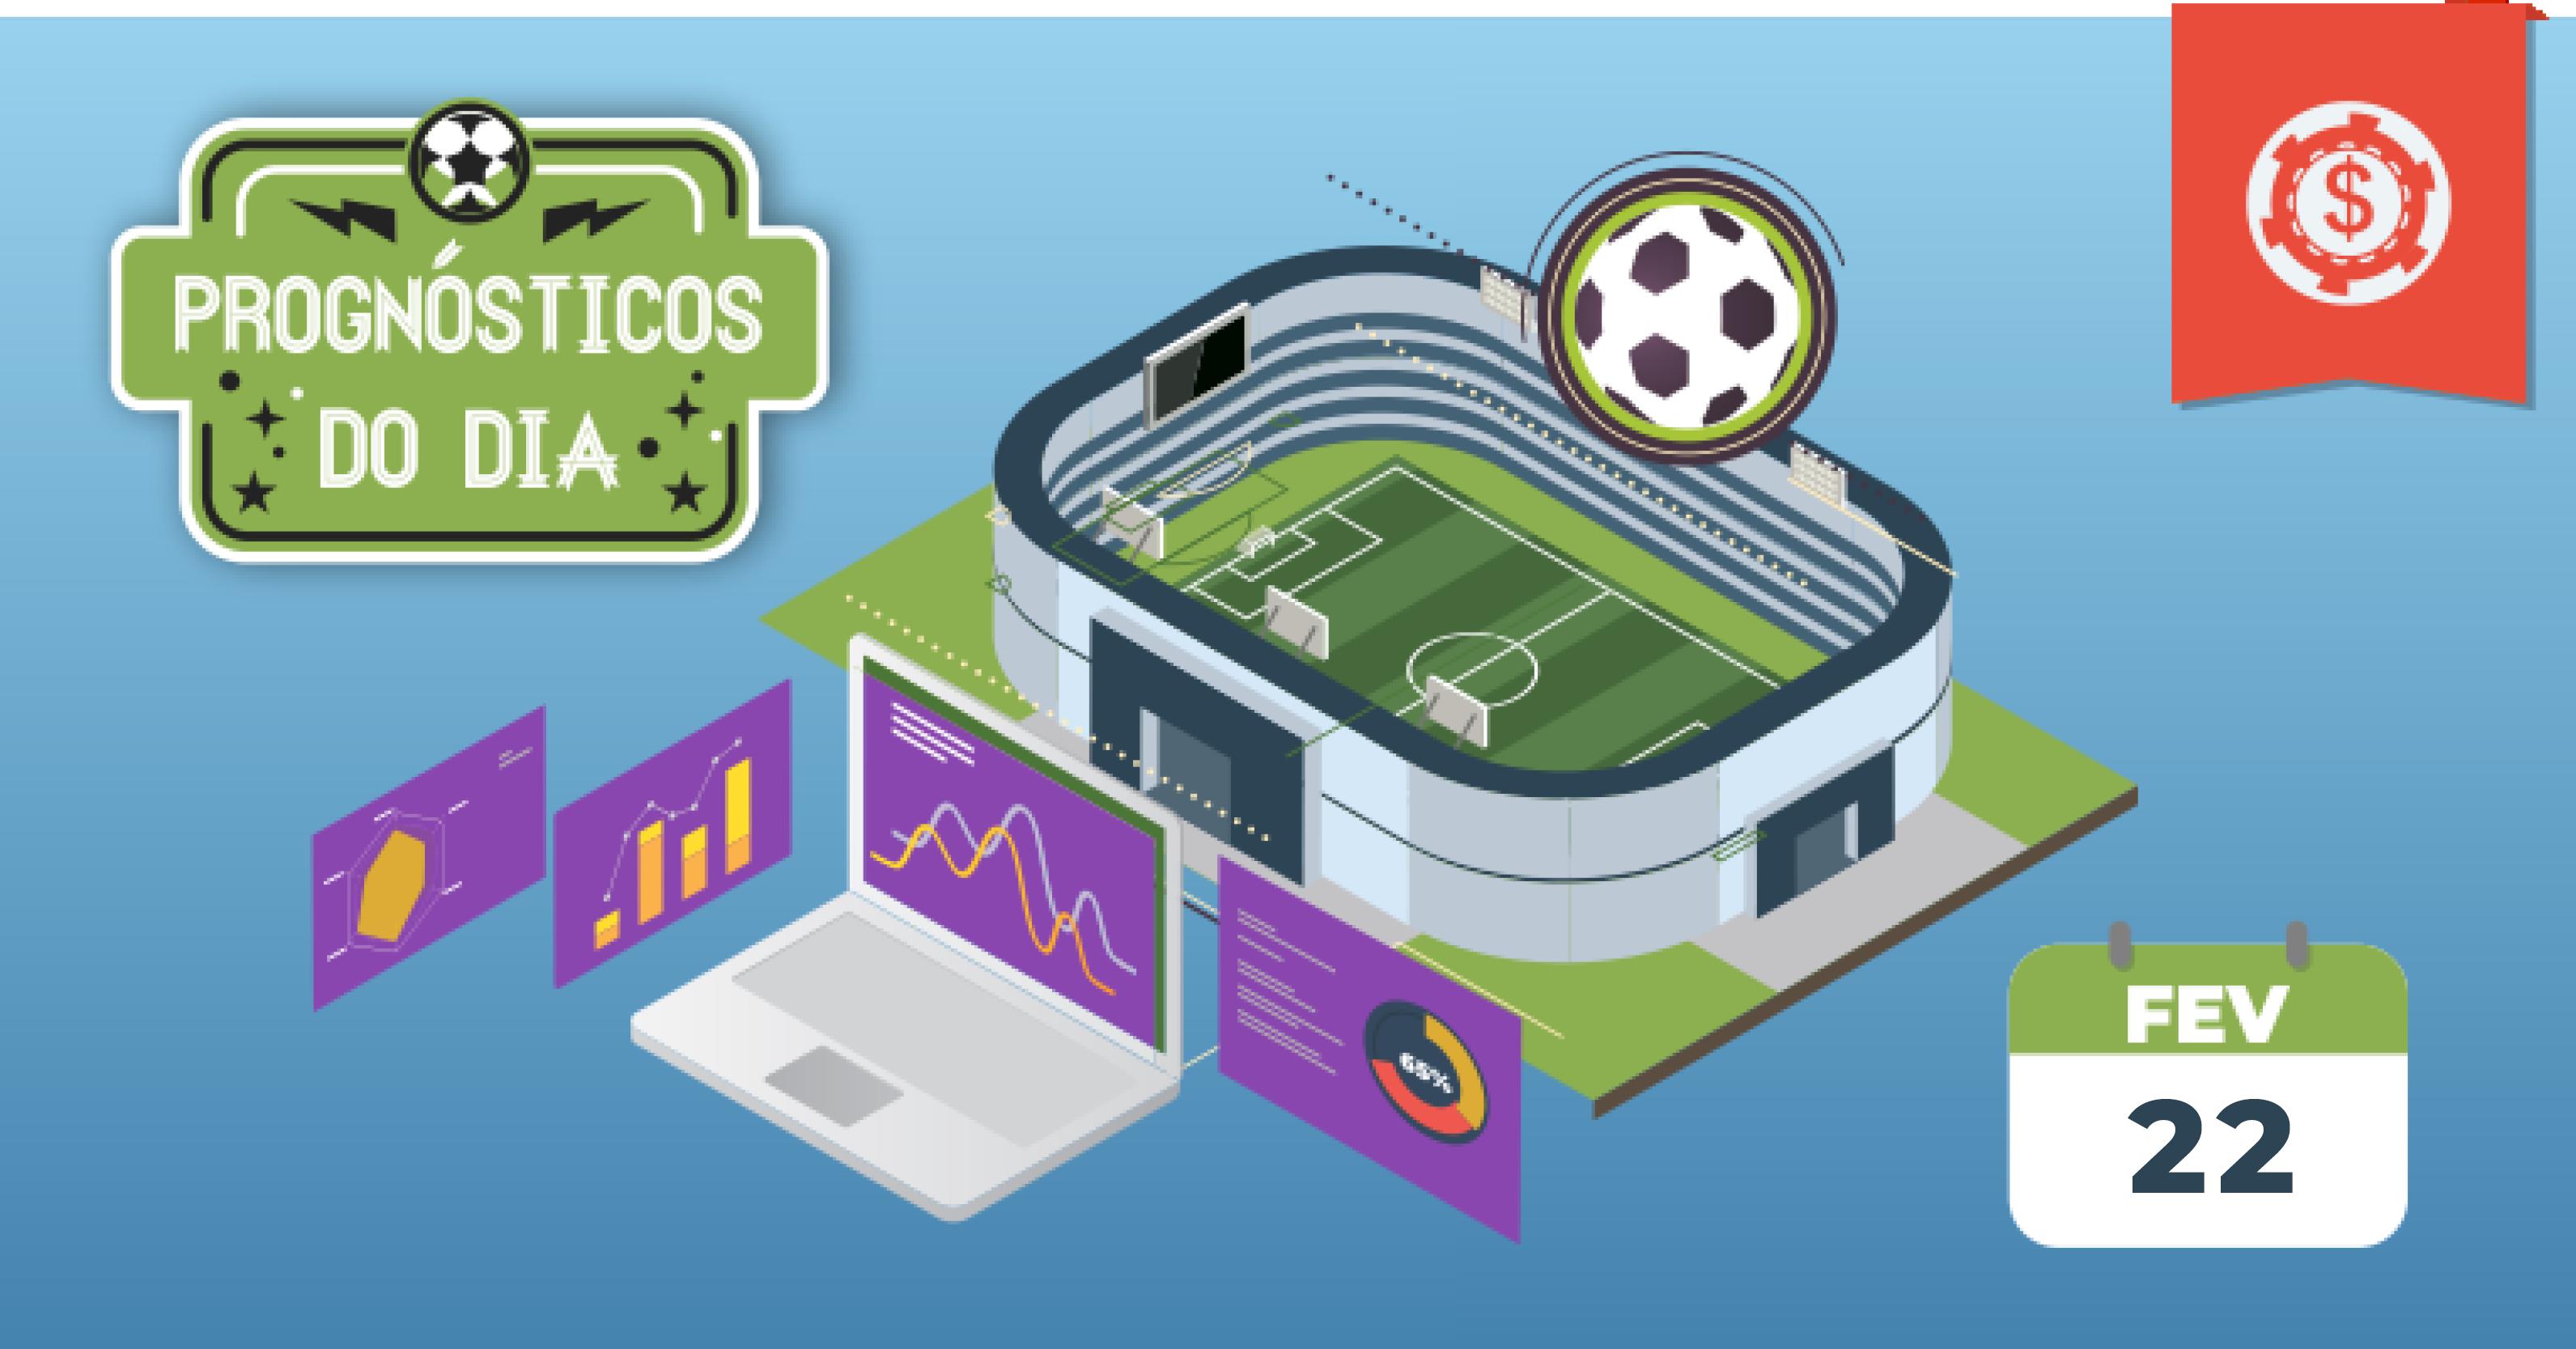 palpites-futebol-hoje-prognosticos-22-fevereiro-2020